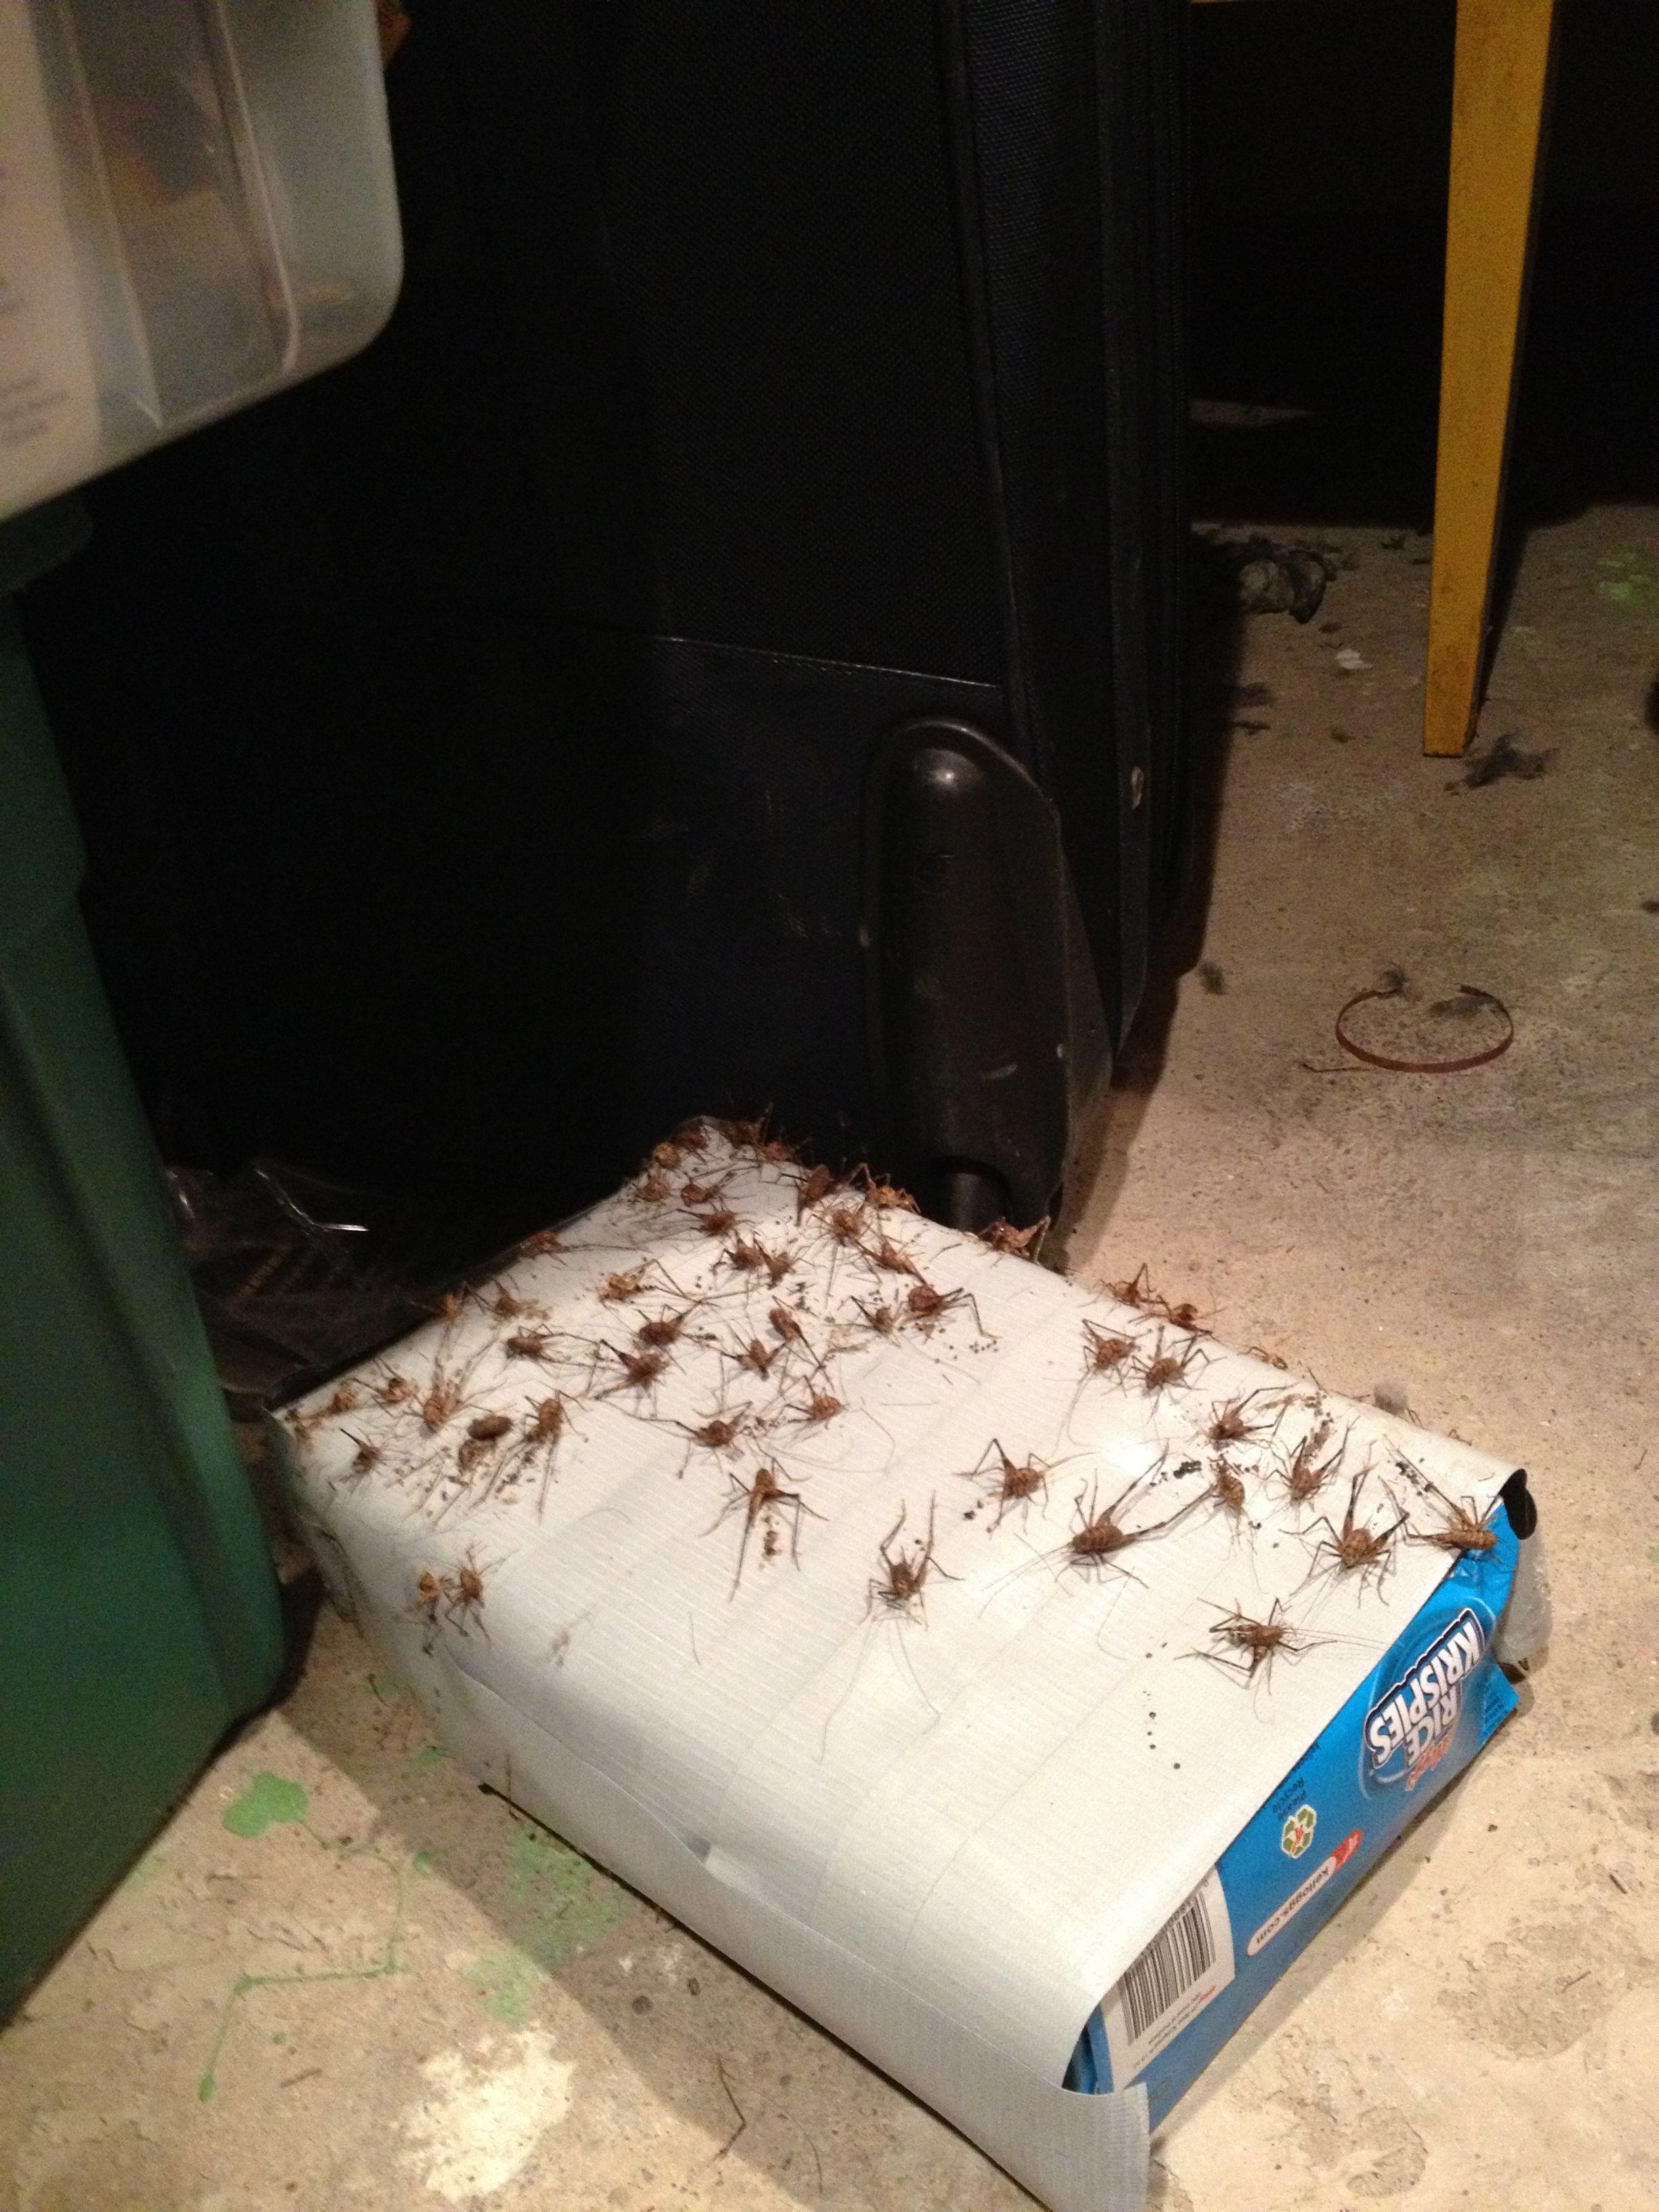 Bed Bug Sticky Tape